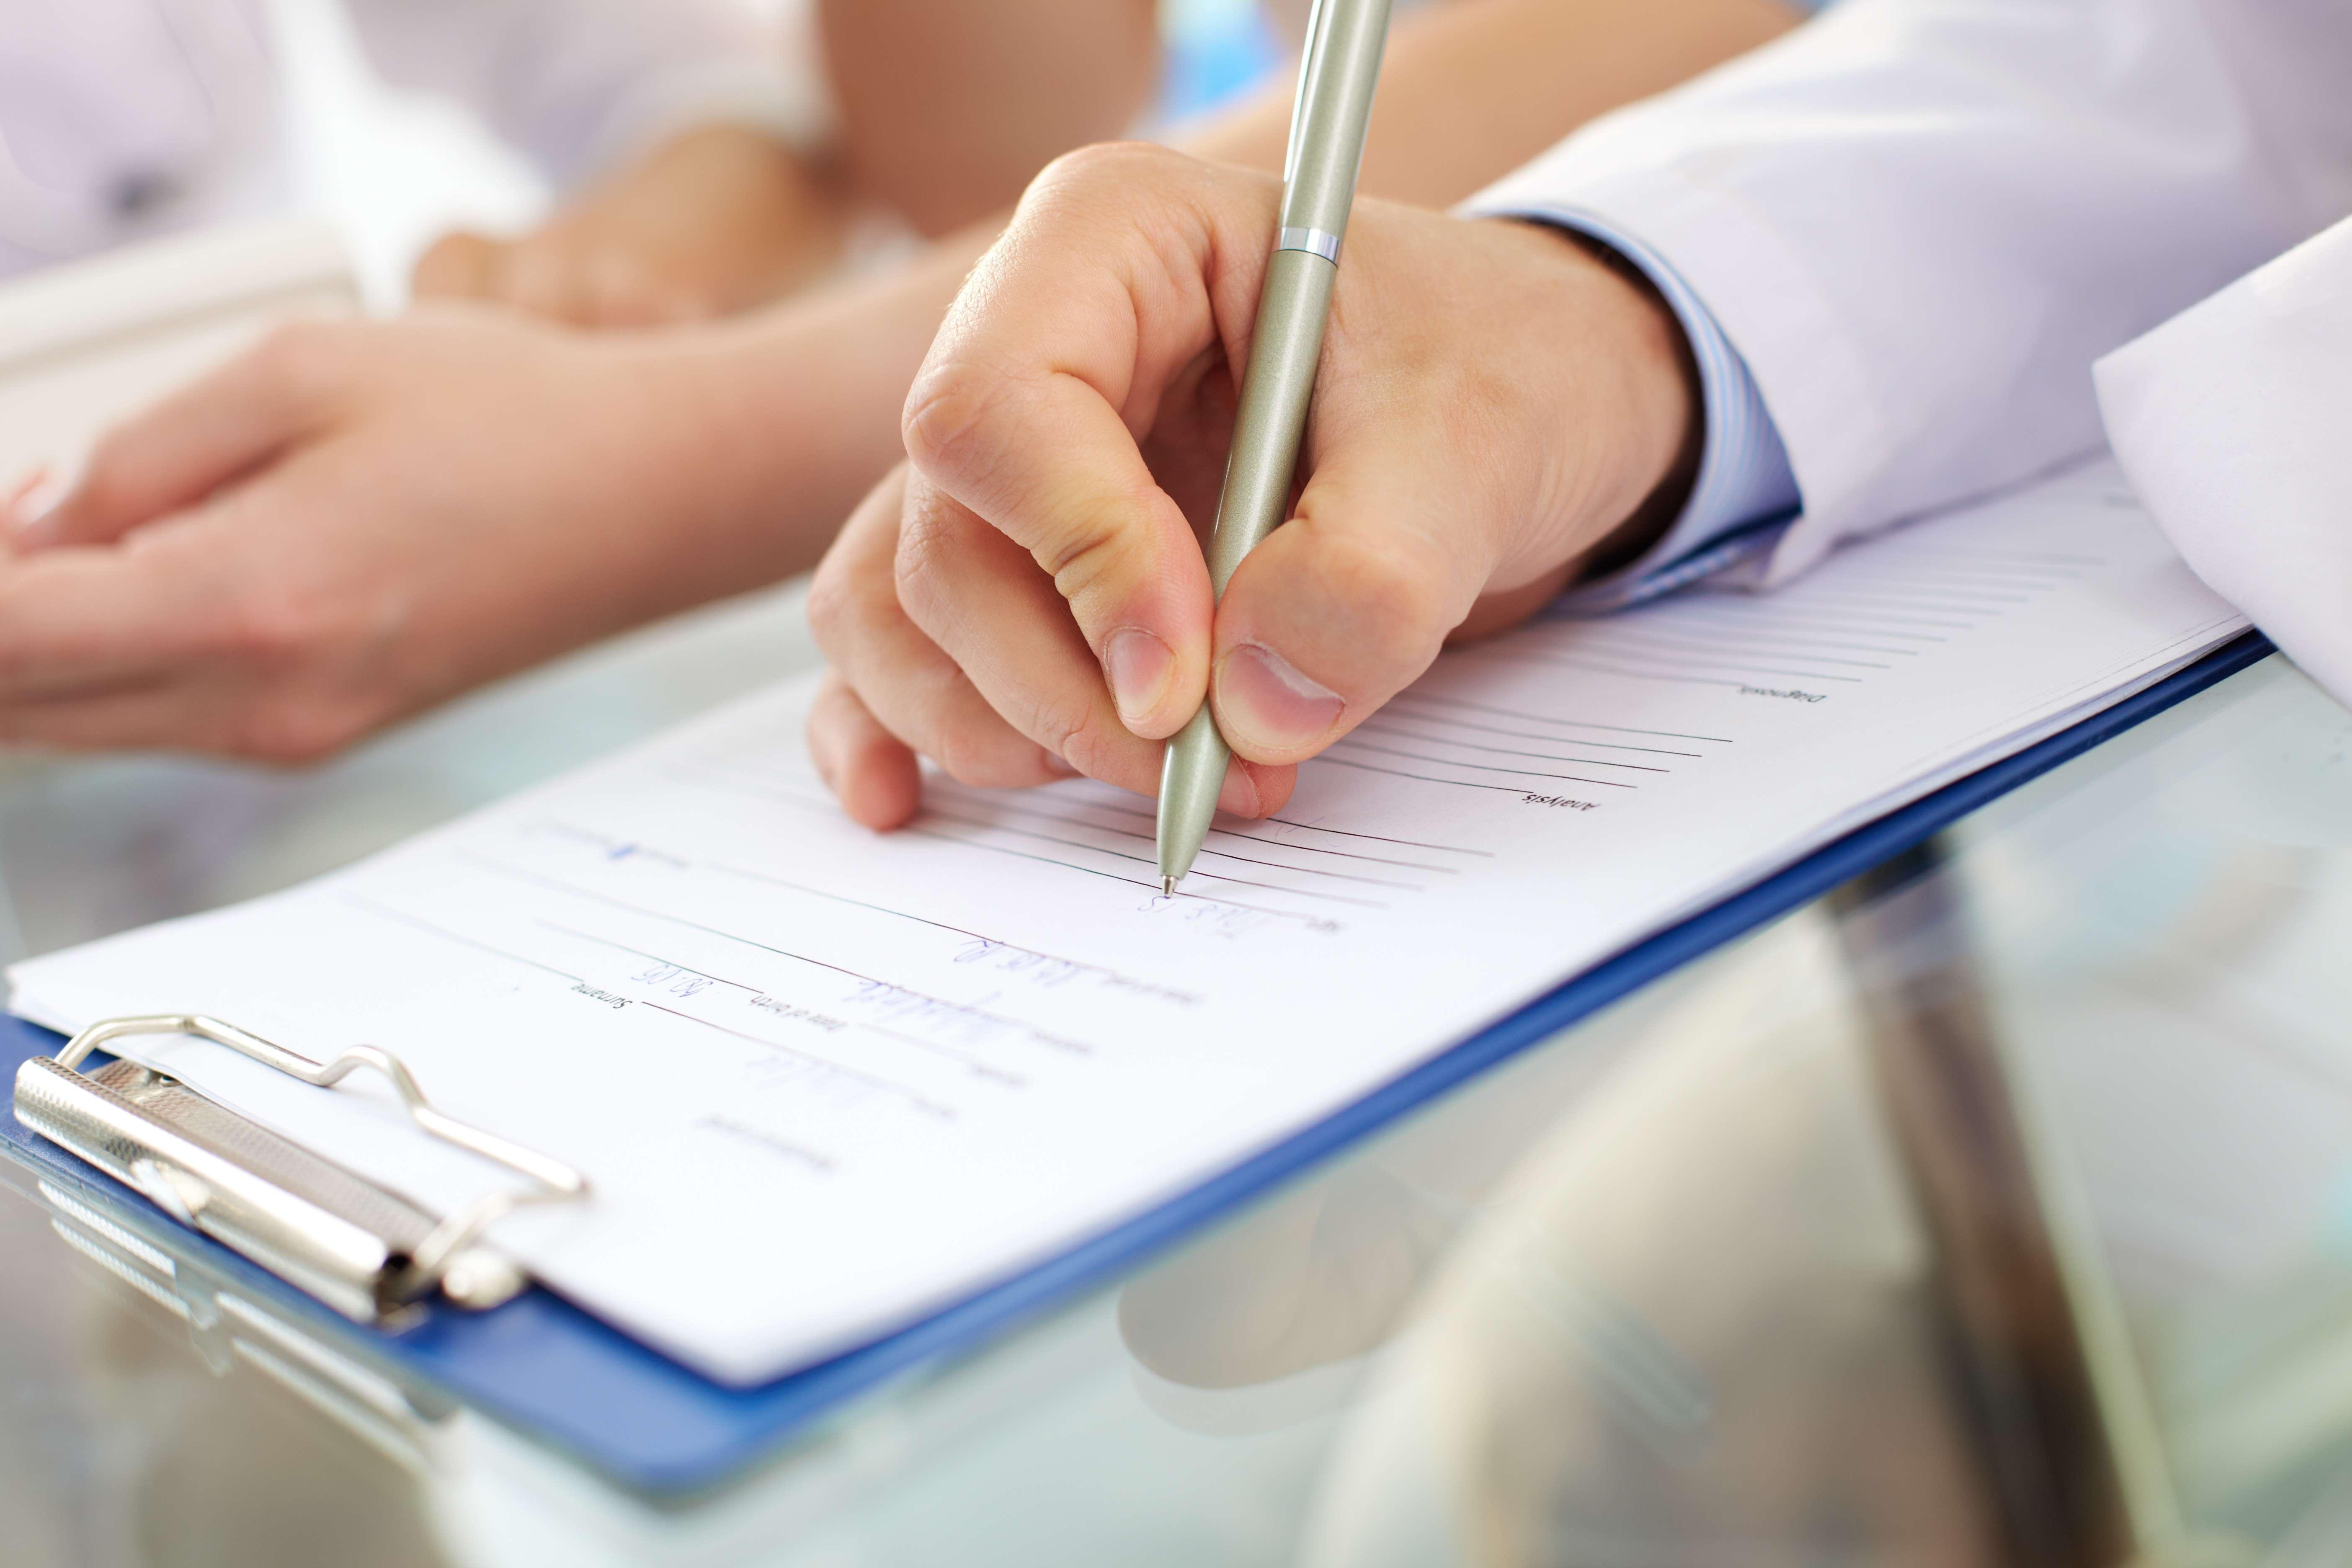 Dokładne i wyczerpujące wypełnienie ankiety anestezjologicznej pozwala zwiększyć bezpieczeństwo pacjenta i zminimalizować ryzyko powikłań, dlatego tak ważne jest, aby informacje w niej zawarte zostały rzetelnie sprawdzone przed konsultacją z anestezjologiem.